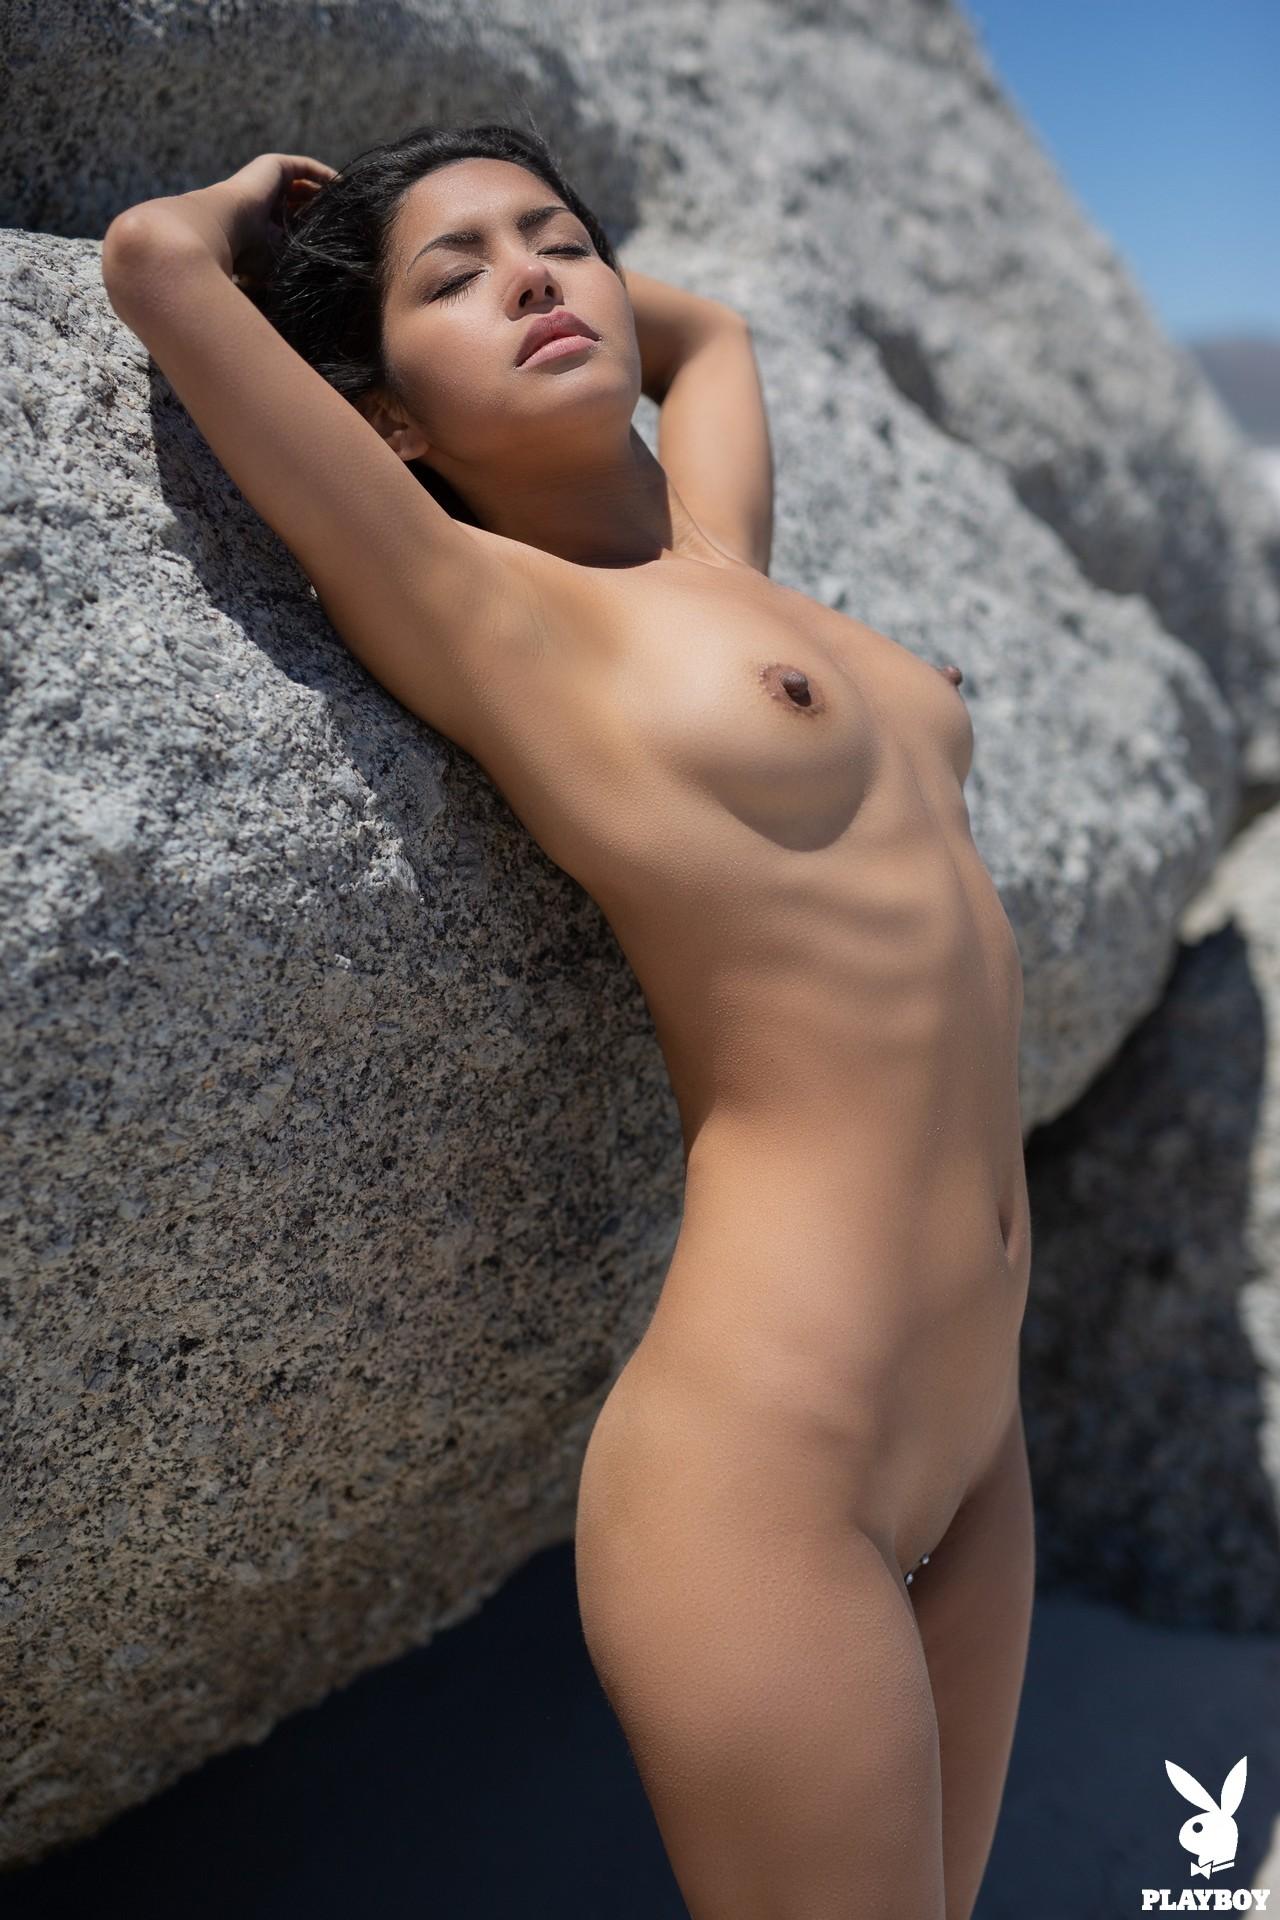 Chloe Rose in Windswept - Playboy Plus 25